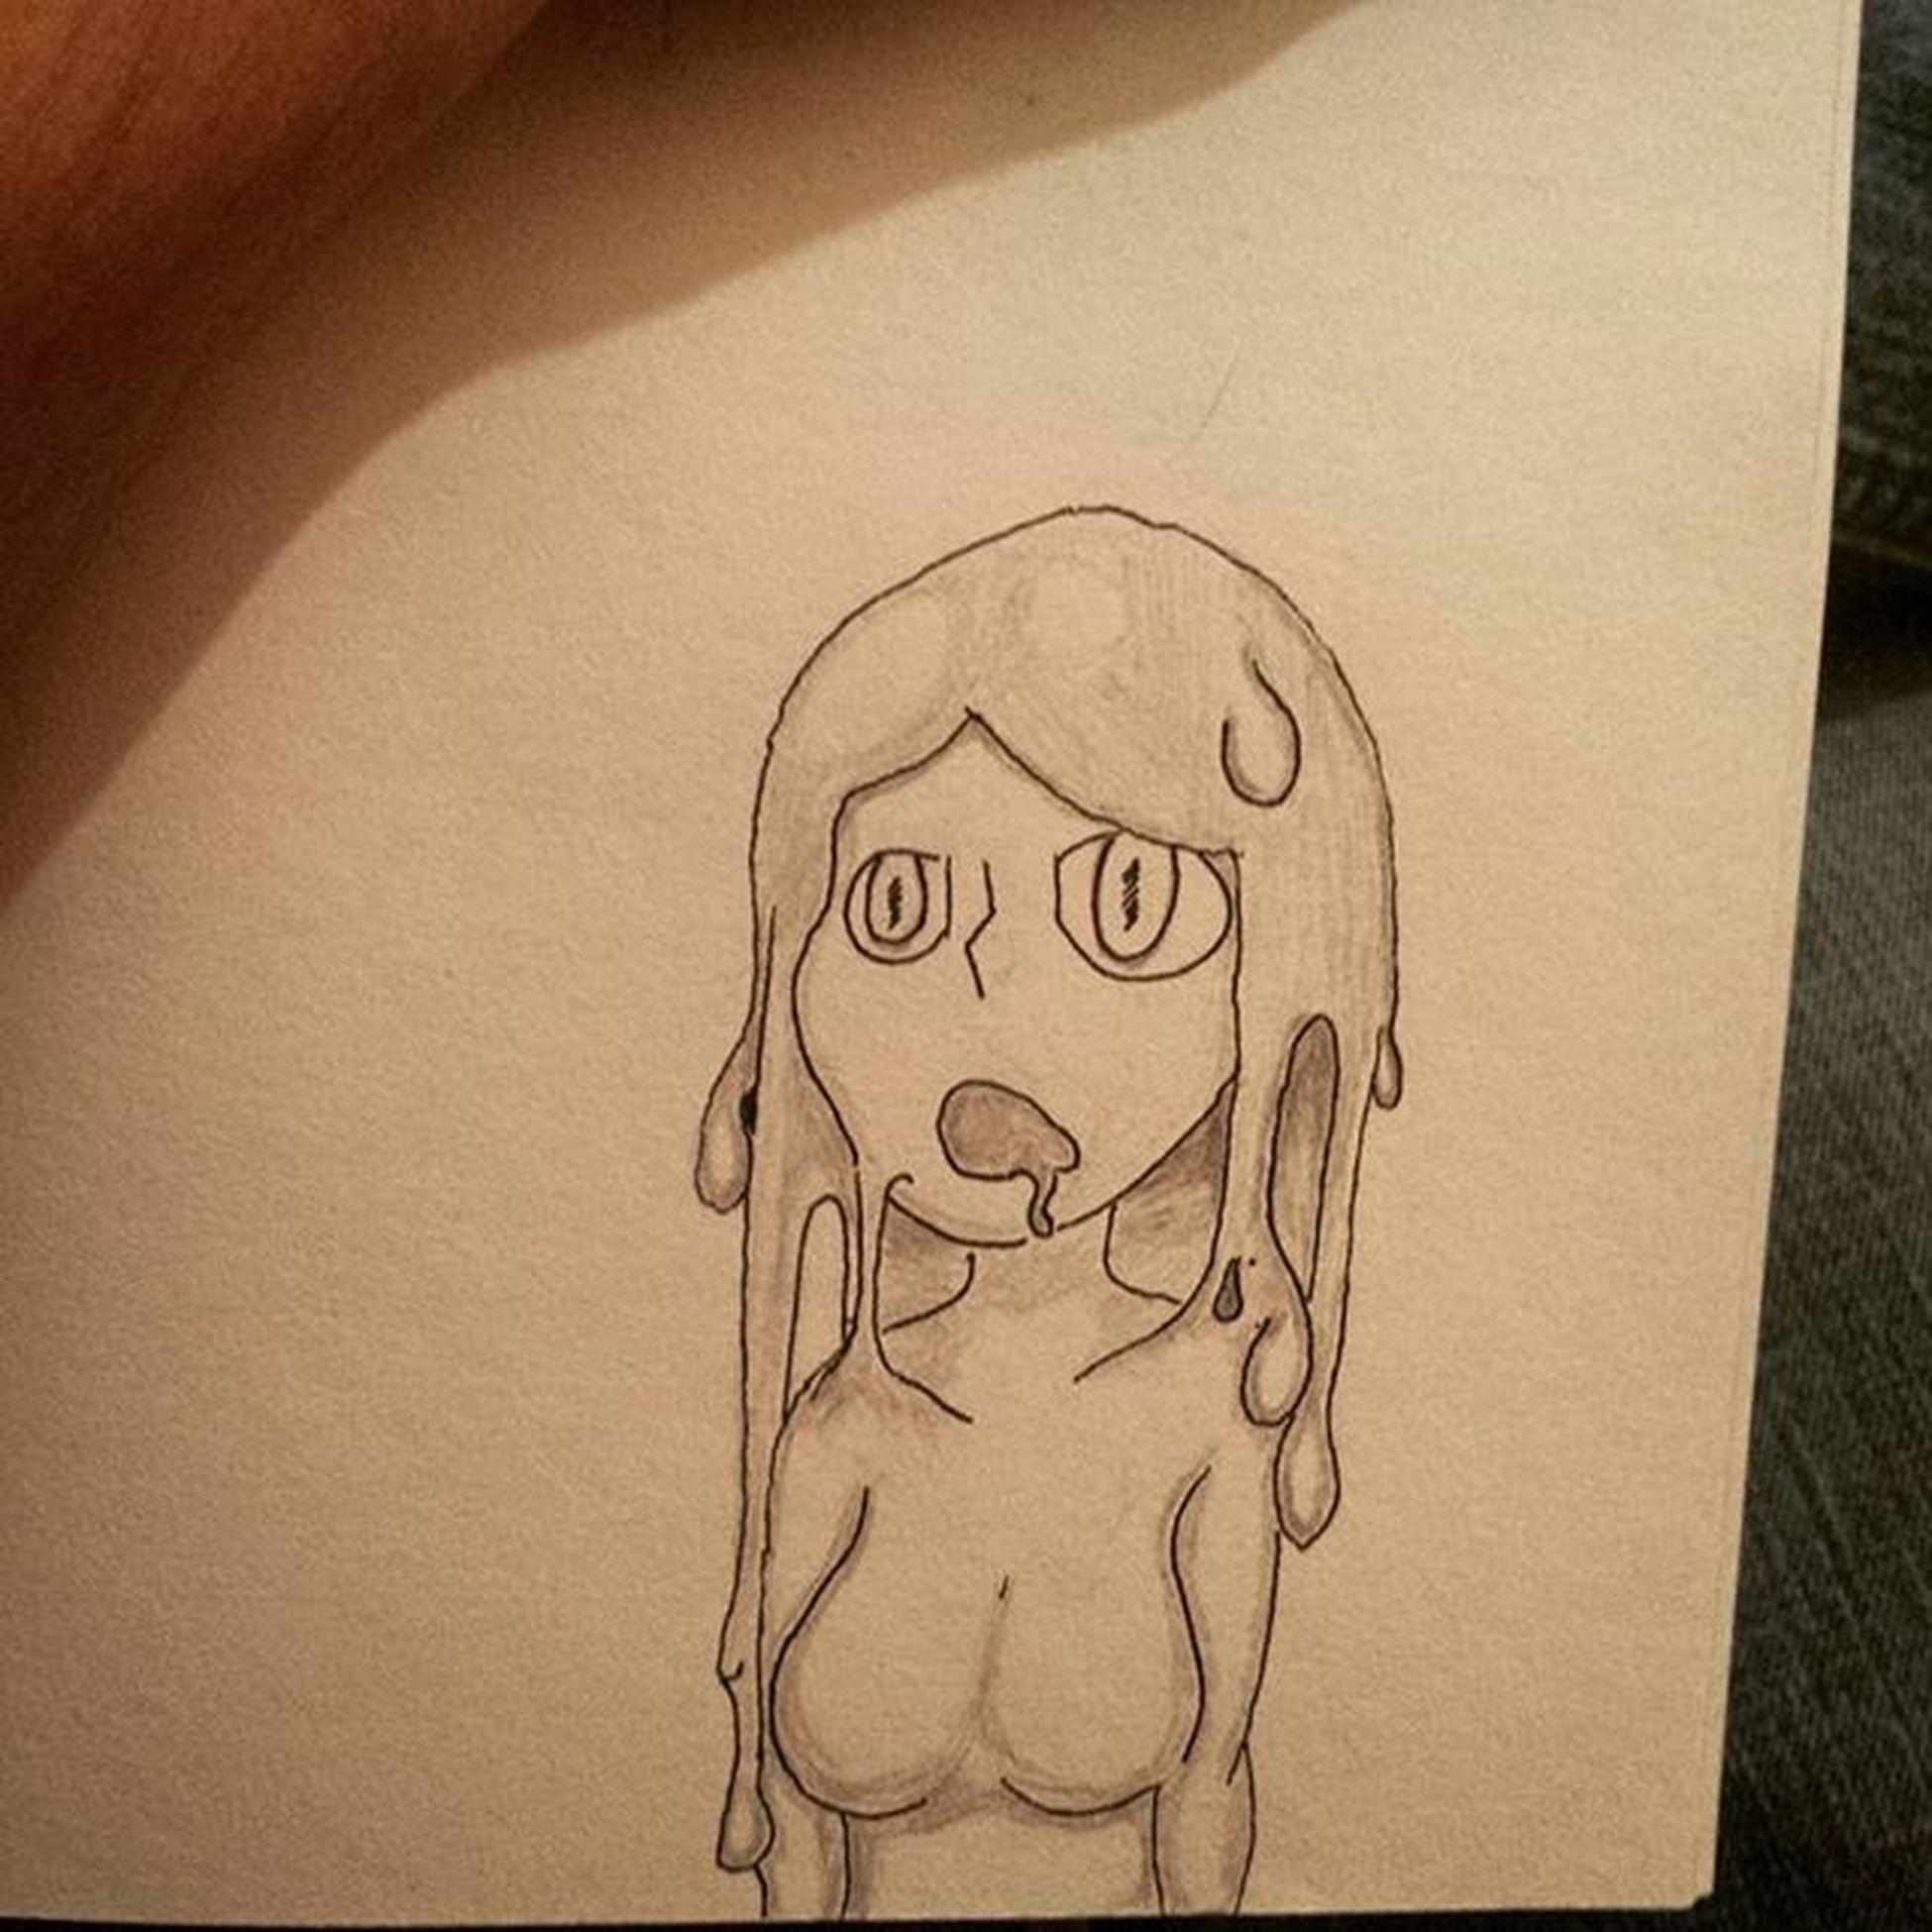 Goo gal Googal Googals Sketchbook Sketch Sketching Drawing Arting Art Artsy Slimygirl